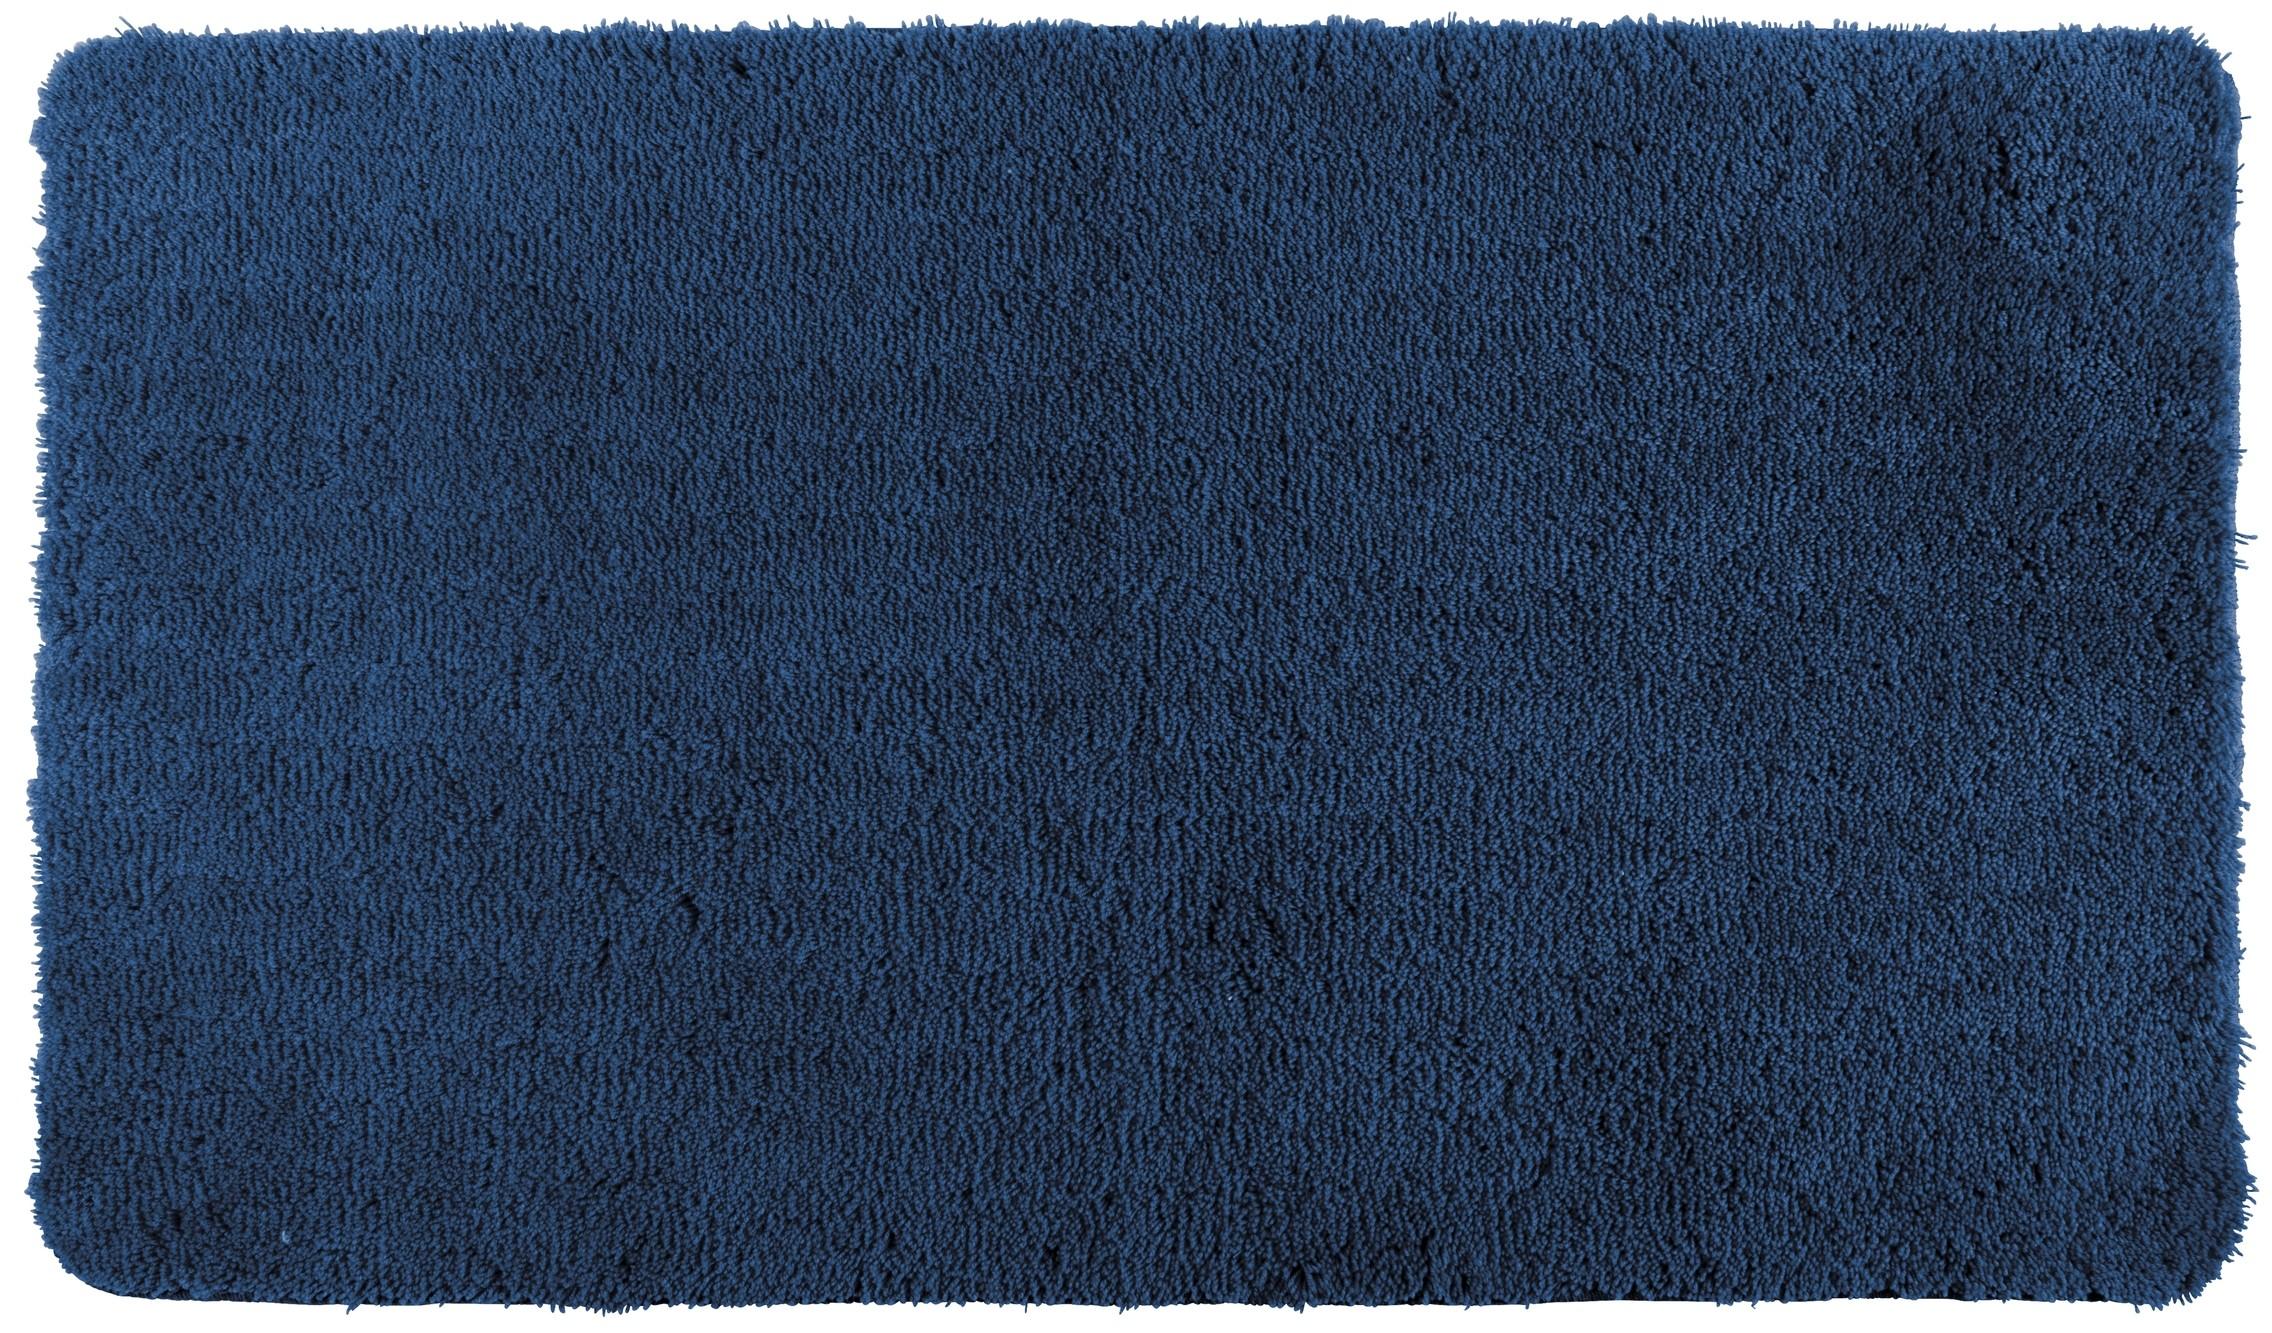 Wenko Badteppich Belize Marine Blue, 60 x 90 cm, Mikrofaser